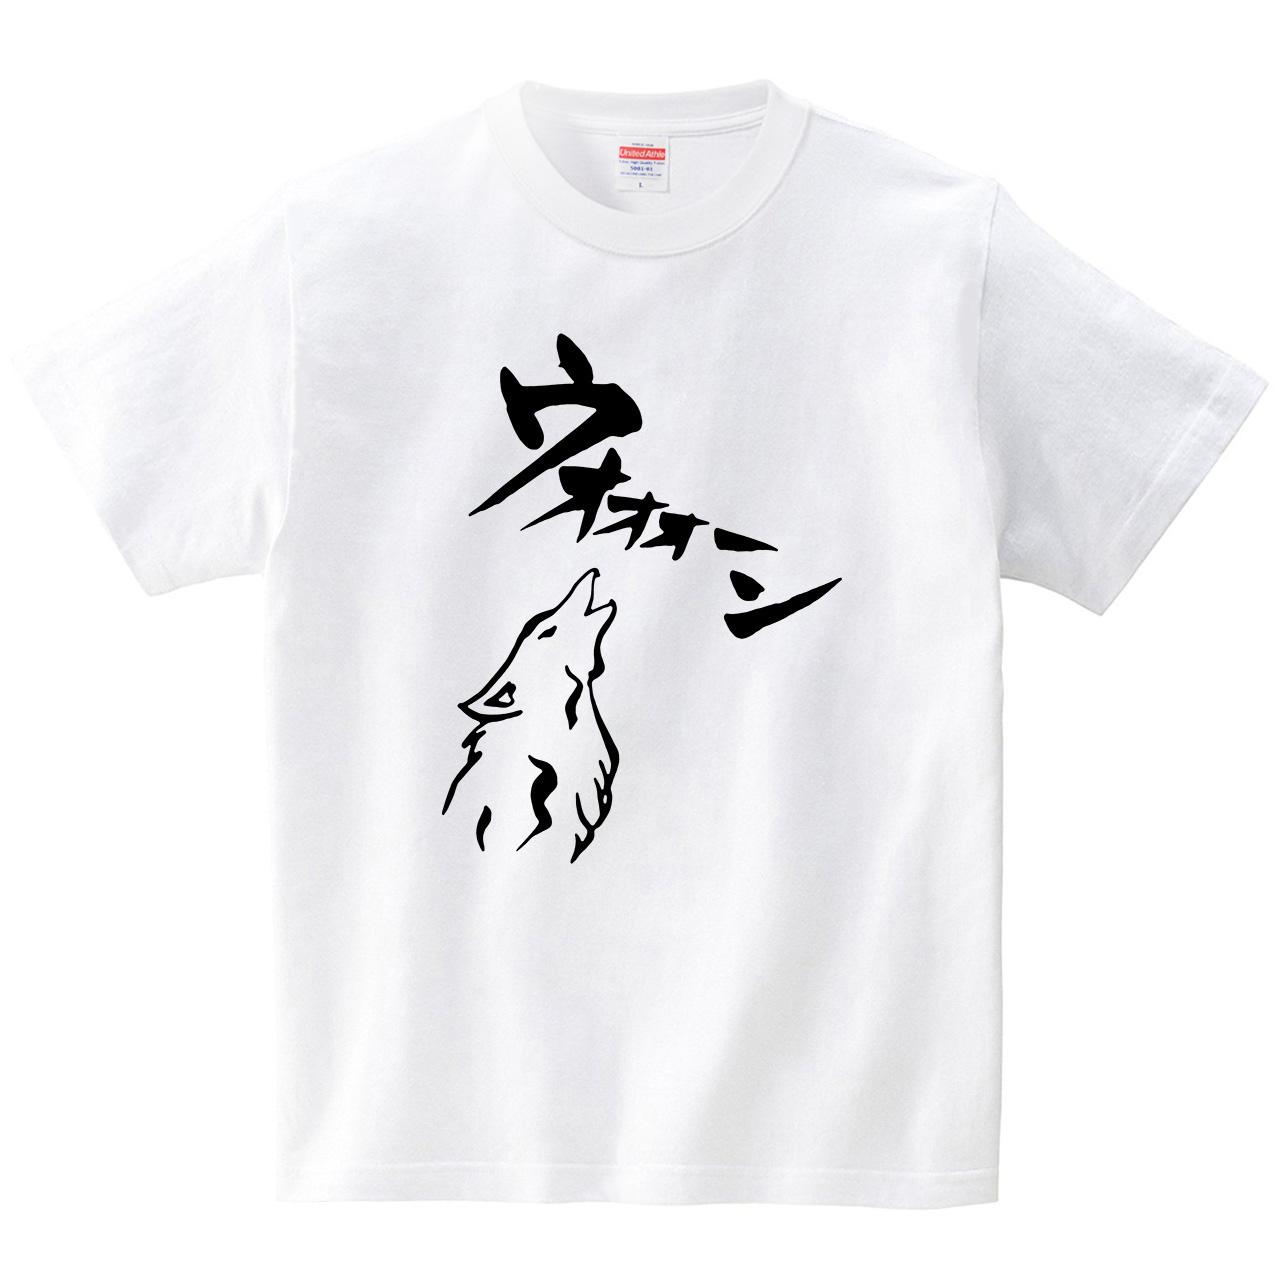 「ウォォォーン!・・・犬が雄叫んでます」(Tシャツ・ホワイト)(筆文字屋 みやT)